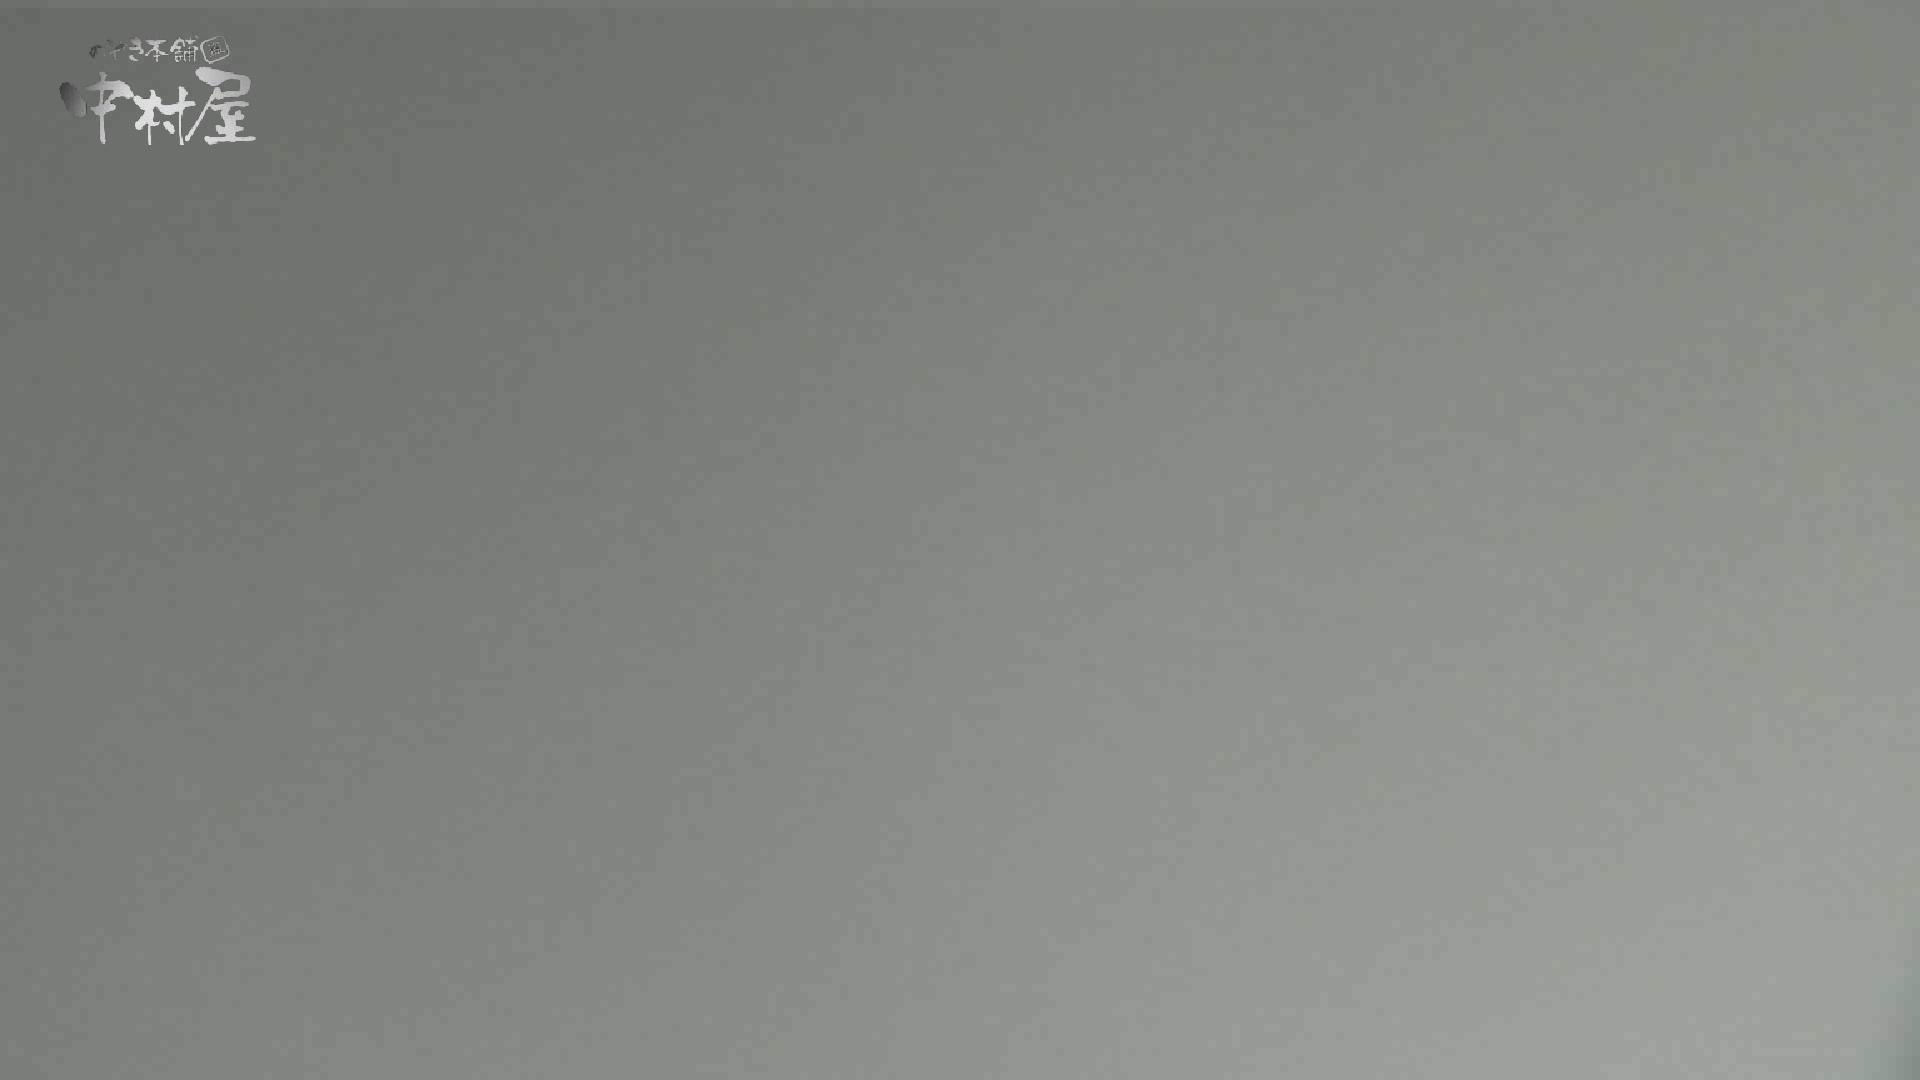 洗面所突入レポート!!vol.8 女体盗撮 | OL女体  103連発 91